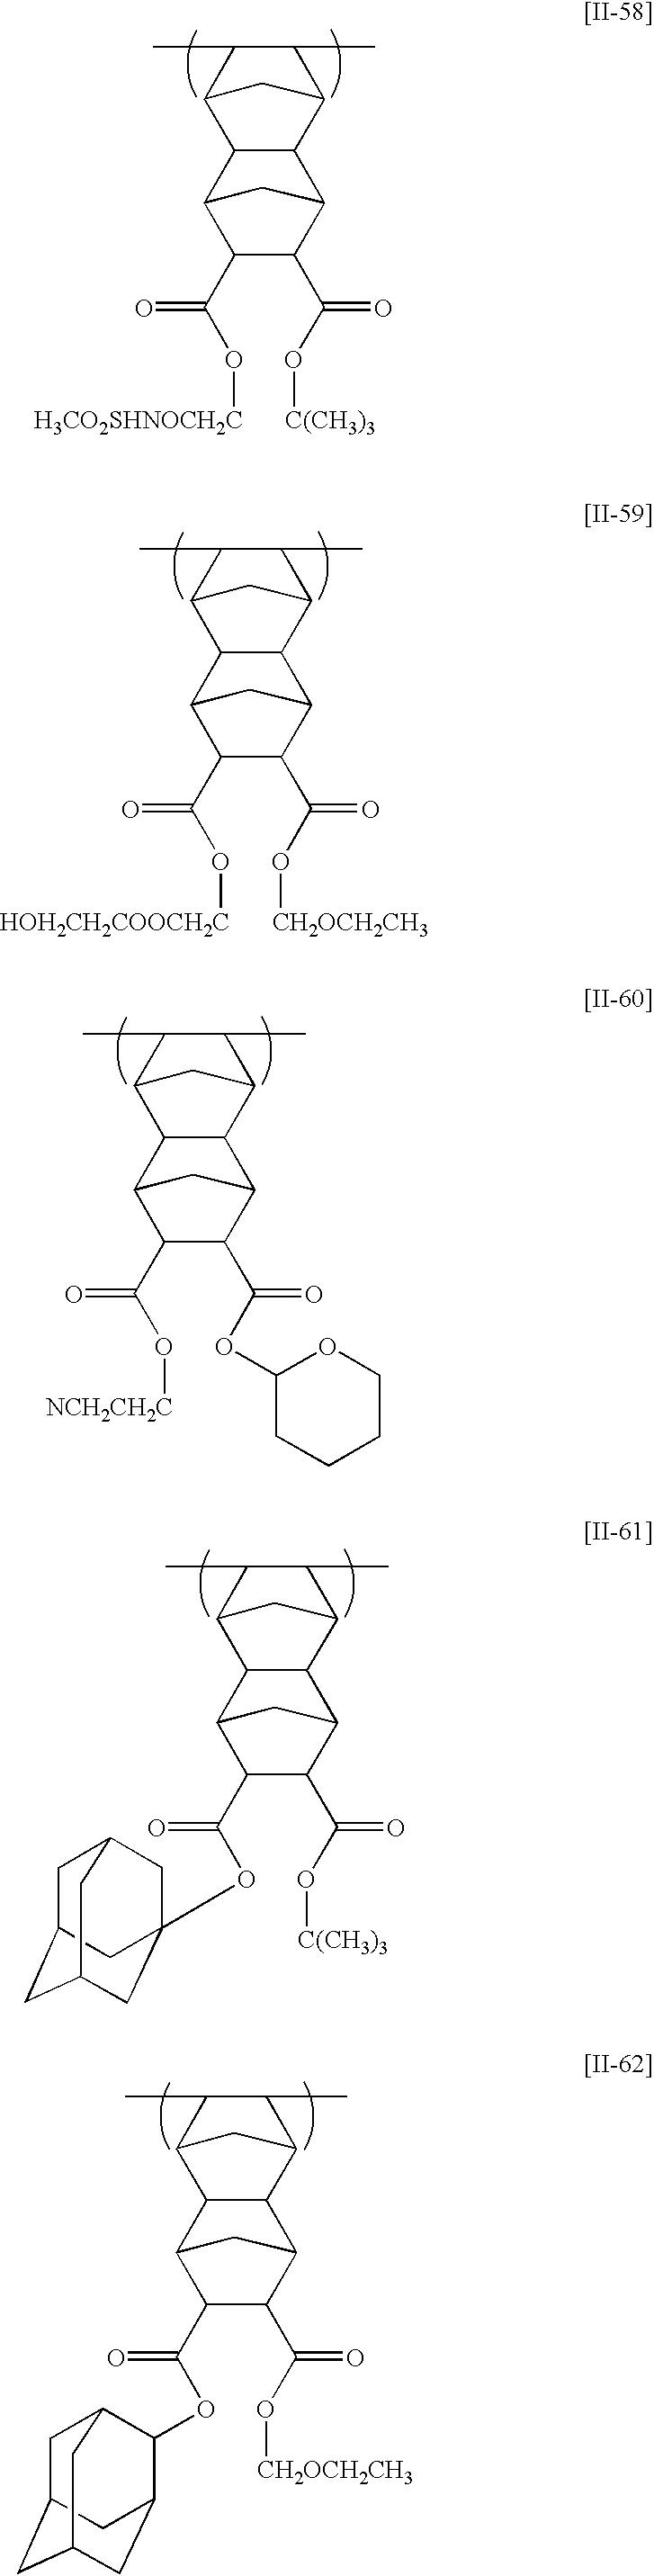 Figure US20030186161A1-20031002-C00068